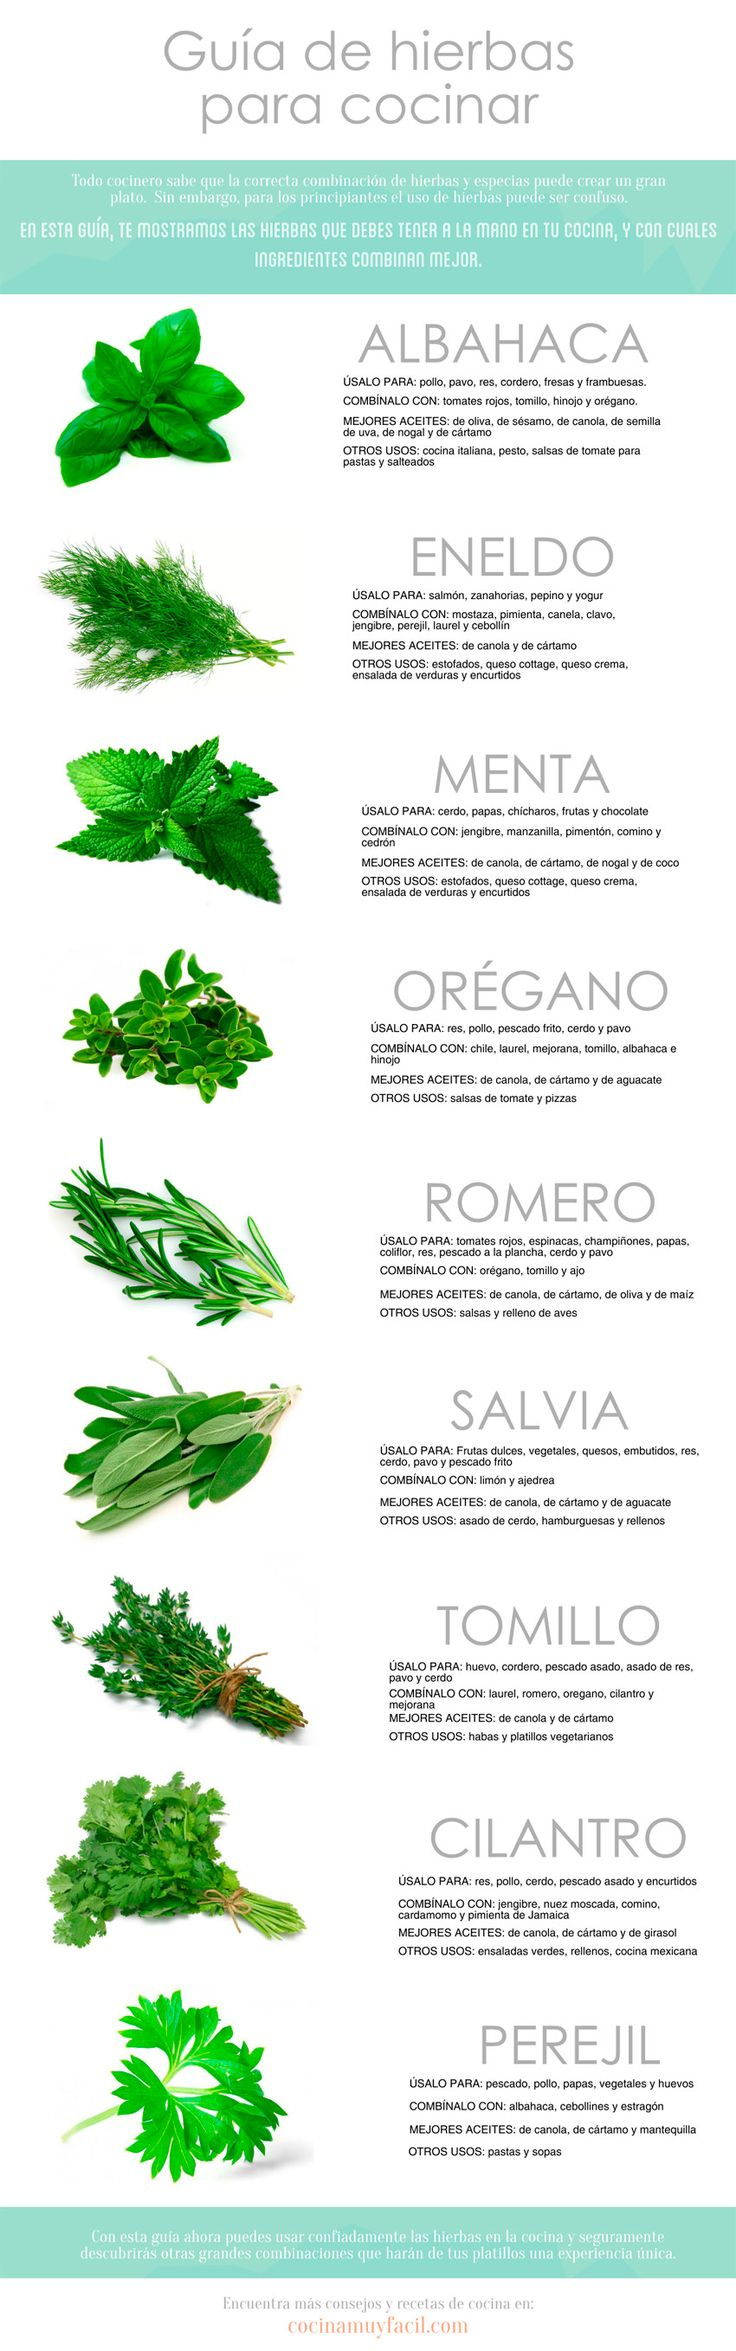 Guía de hierbas para cocinar. #Infografia